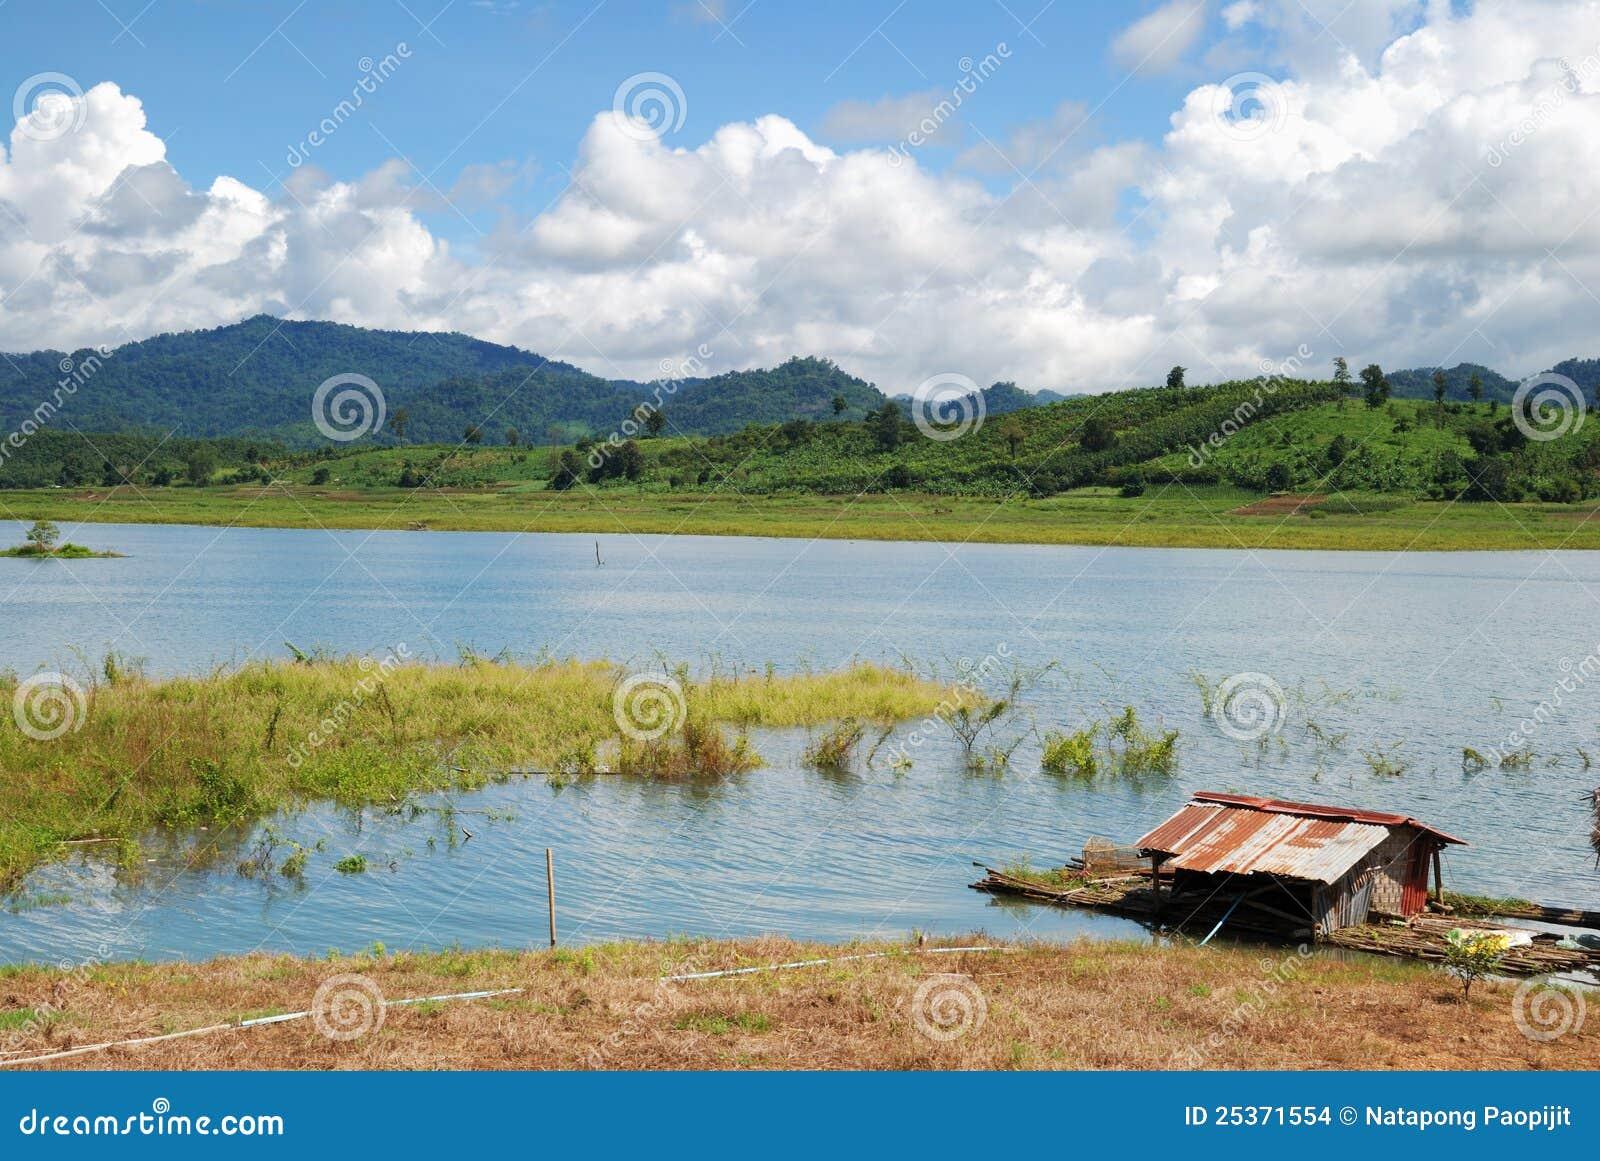 ζωή κοντά στην όχθη ποταμού Ταϊλάνδη